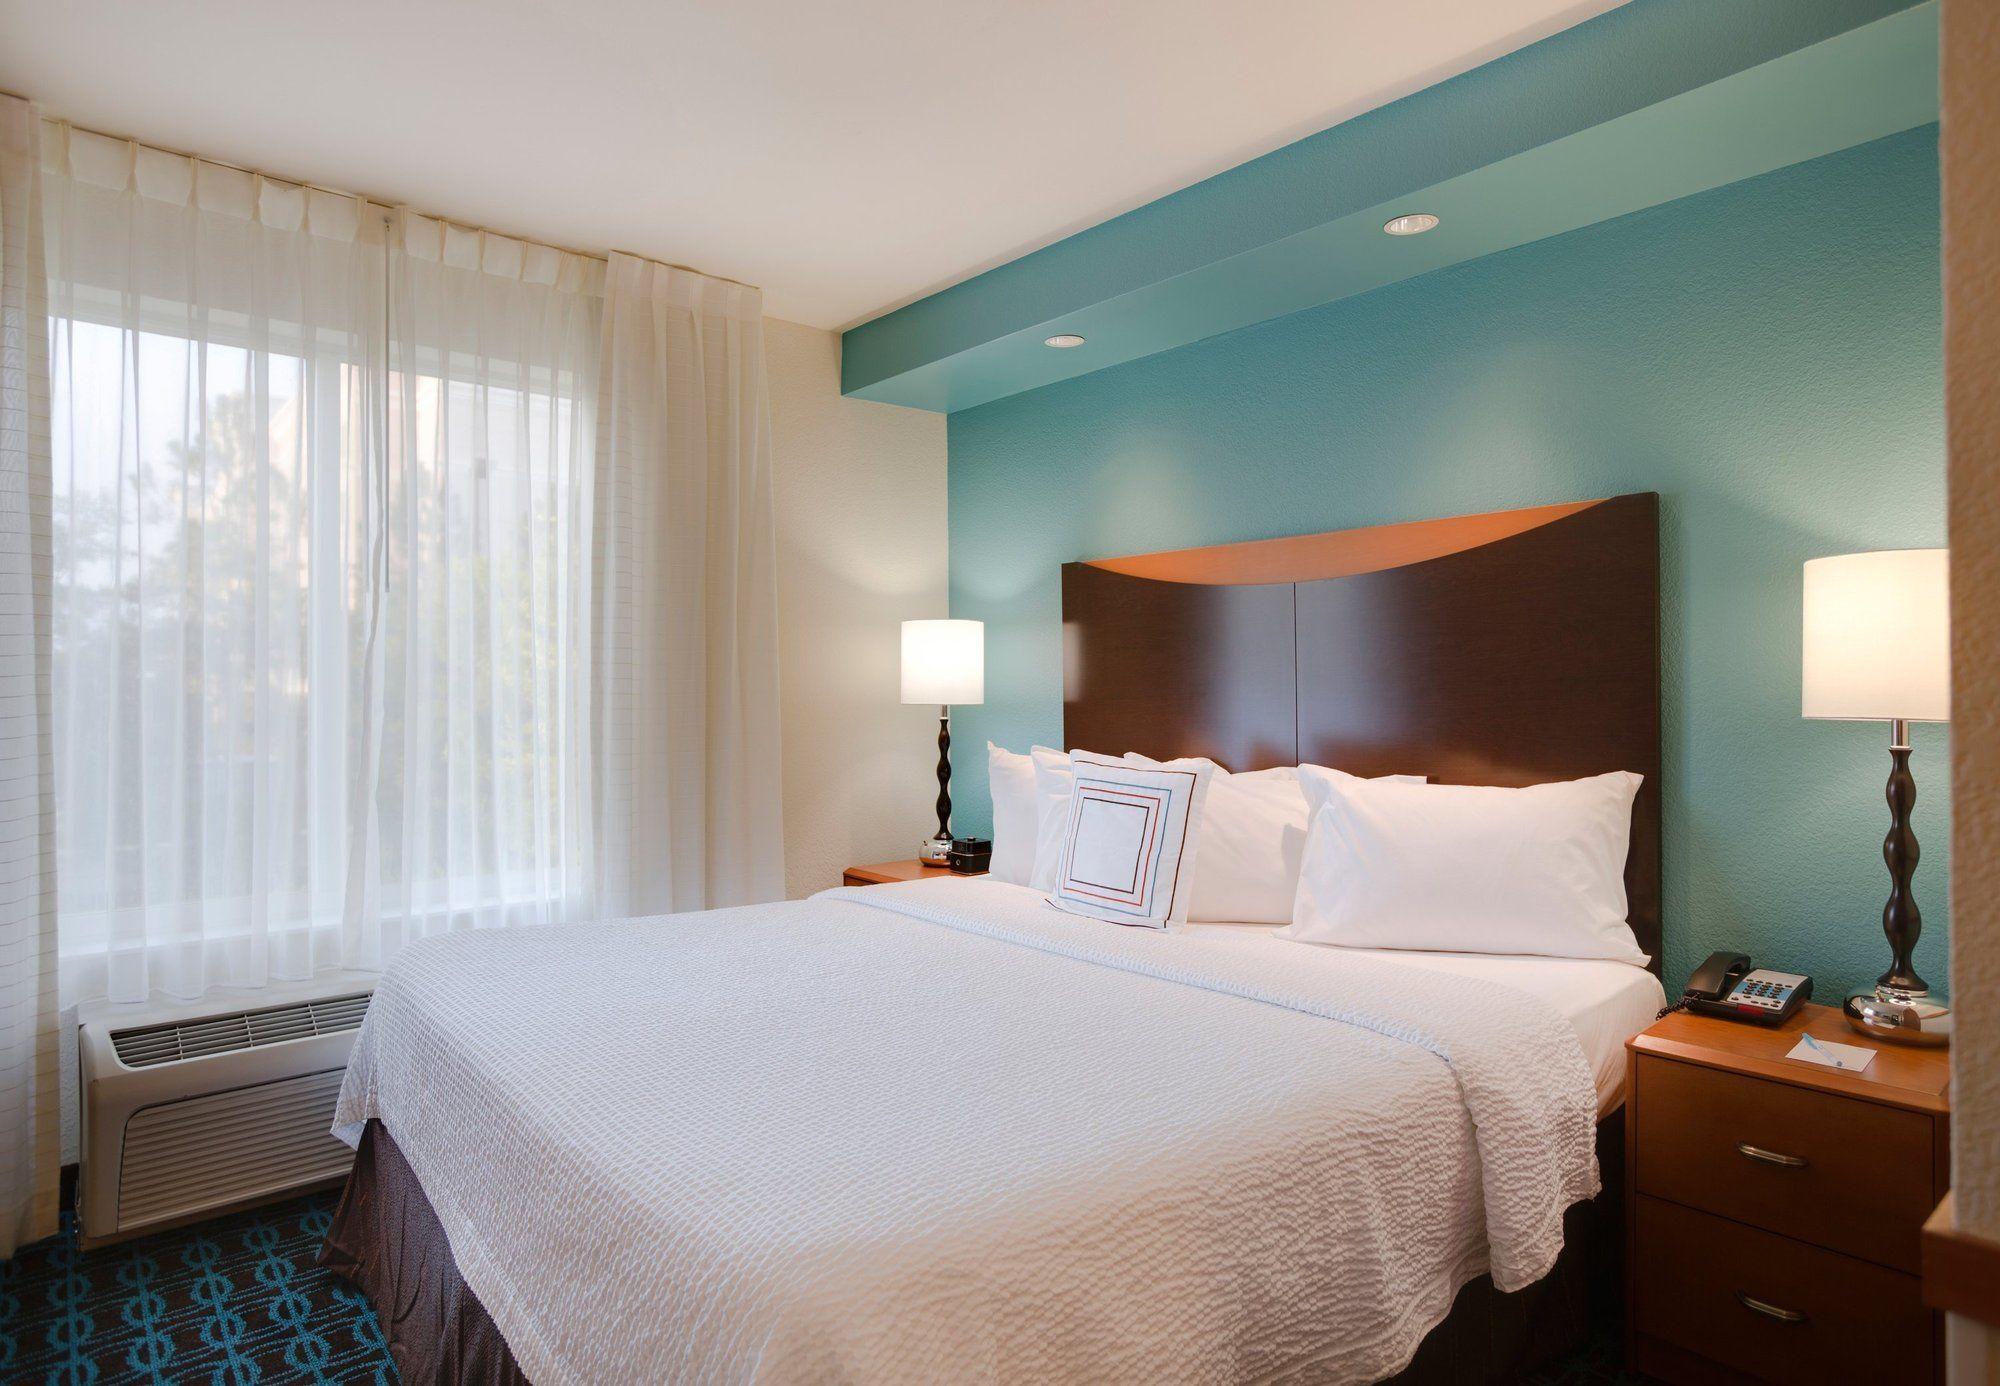 Fairfield Inn & Suites in Titusville, FL